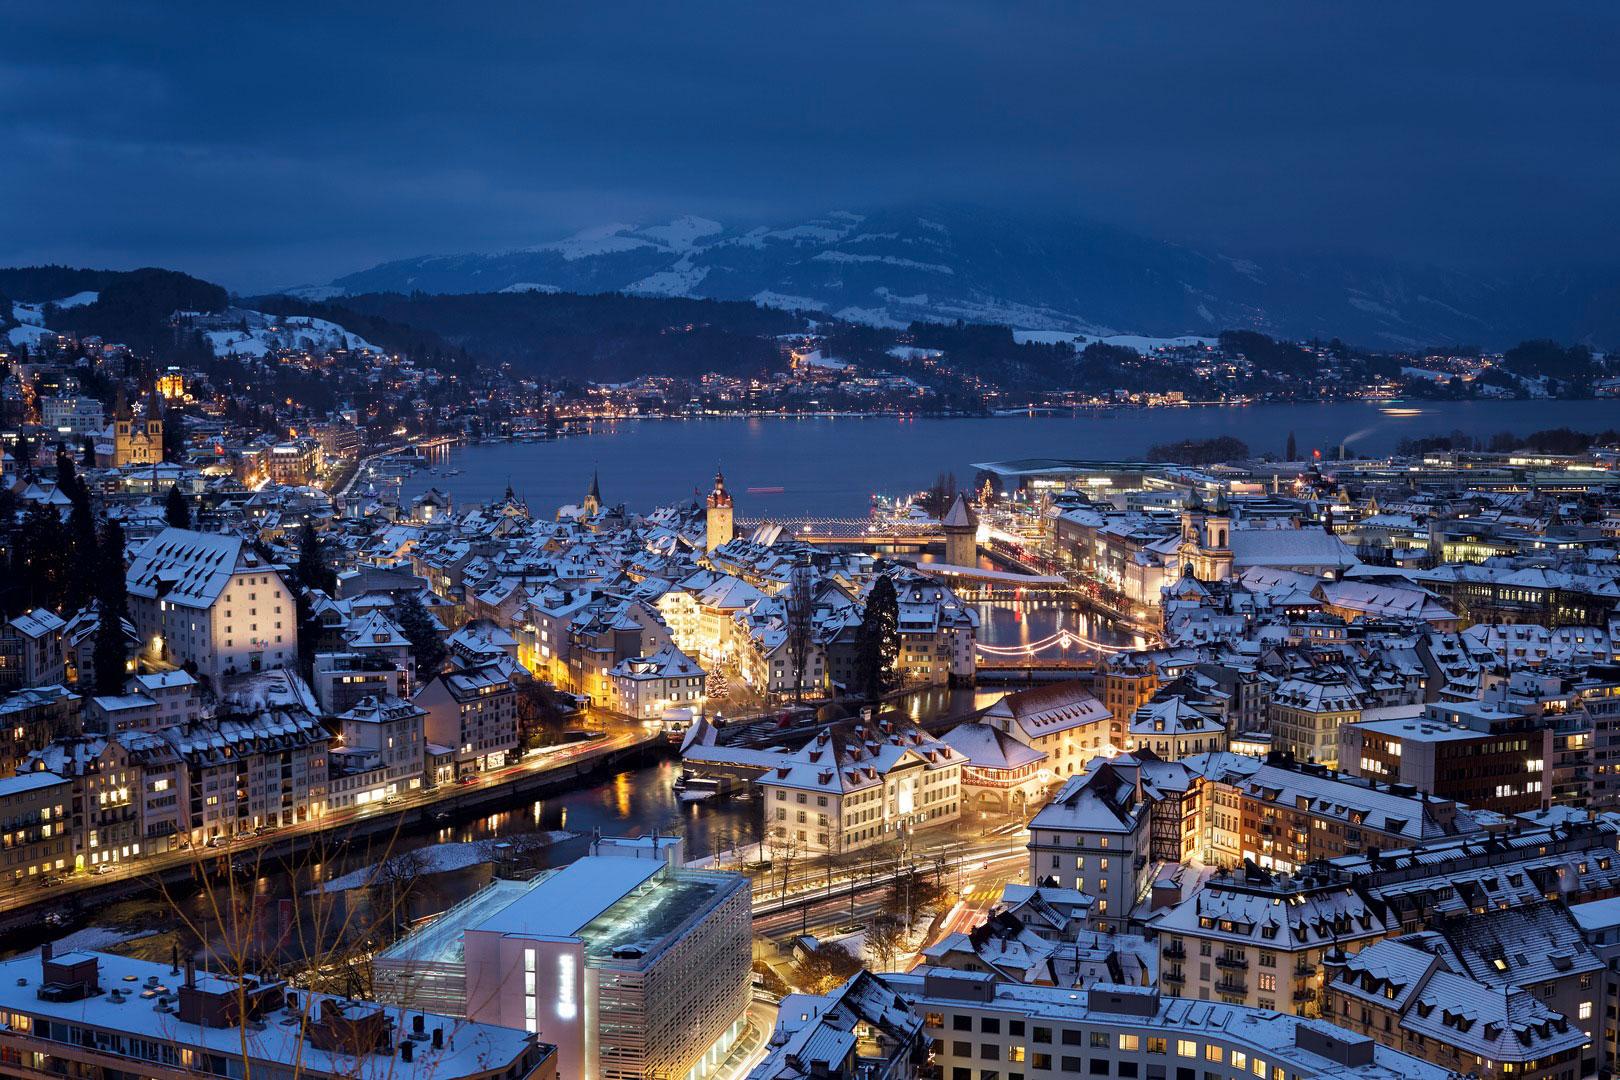 30th Winter Universiade